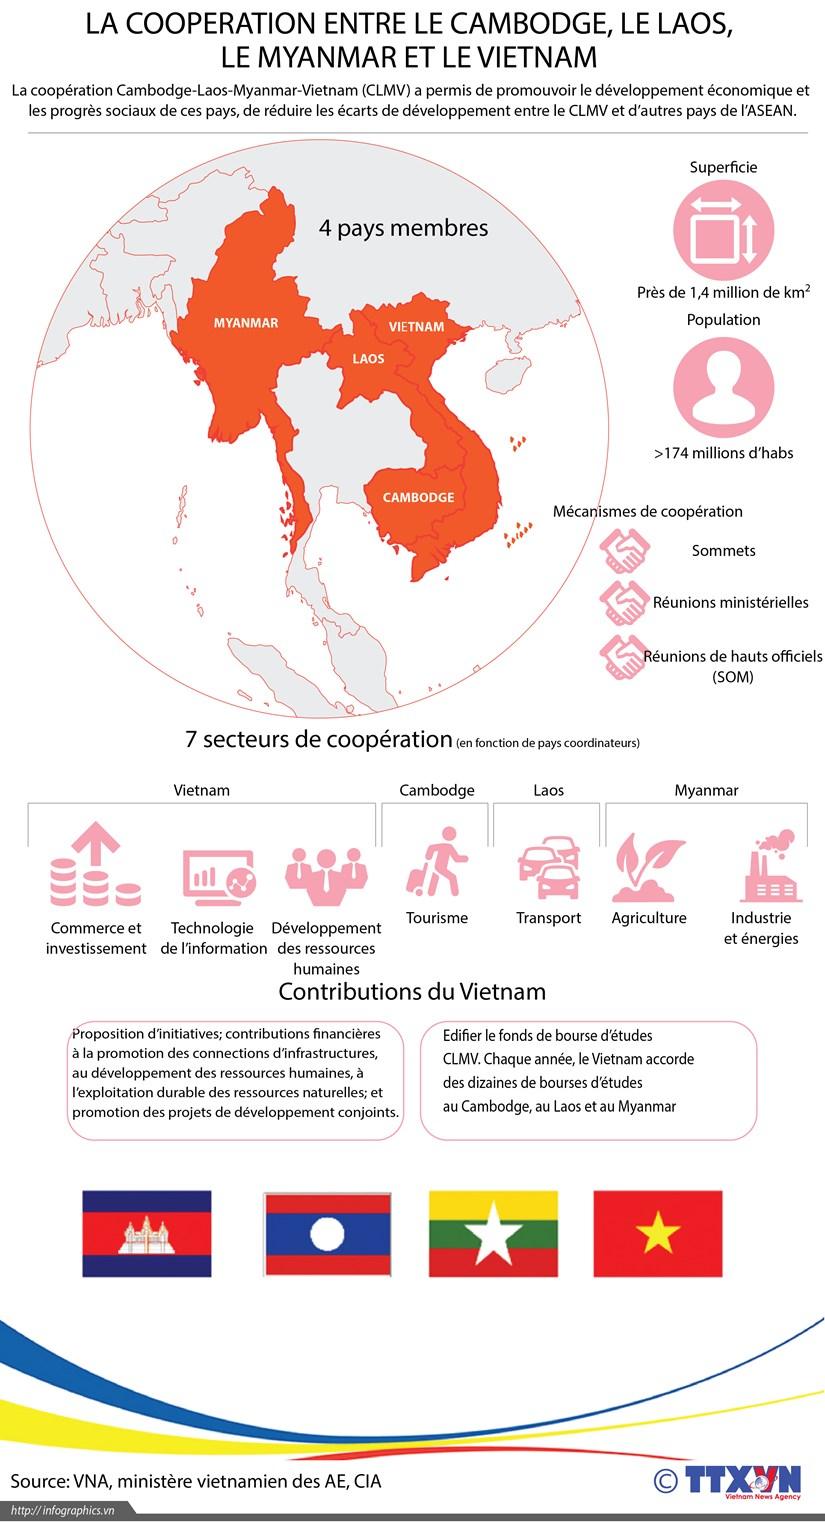 La cooperation entre le Cambodge, le Laos, le Myanmar et le Vietnam hinh anh 1